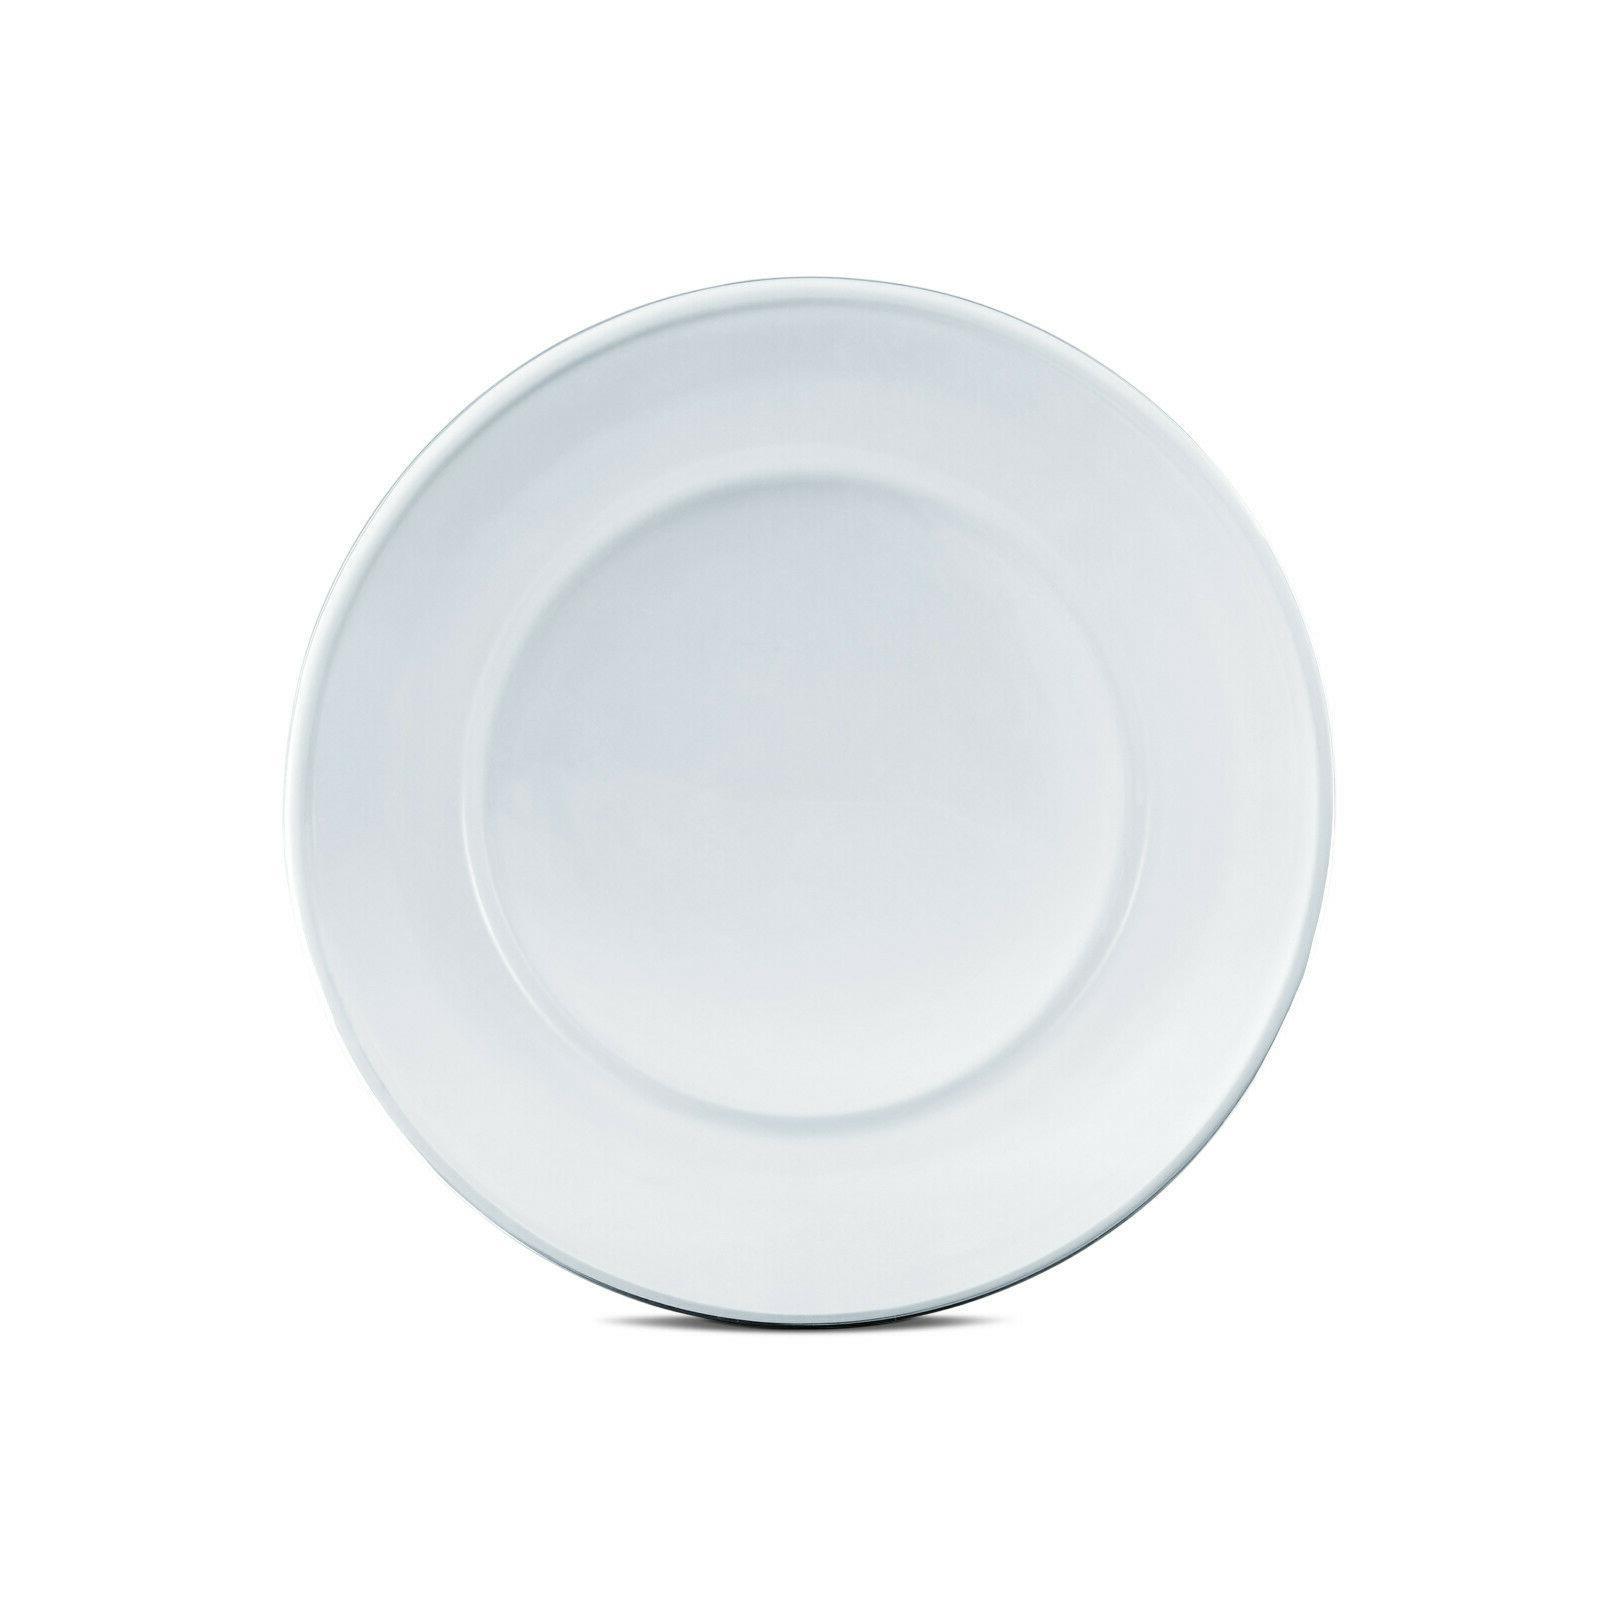 Dinnerware Set 12 Modern Round Clear Dishes